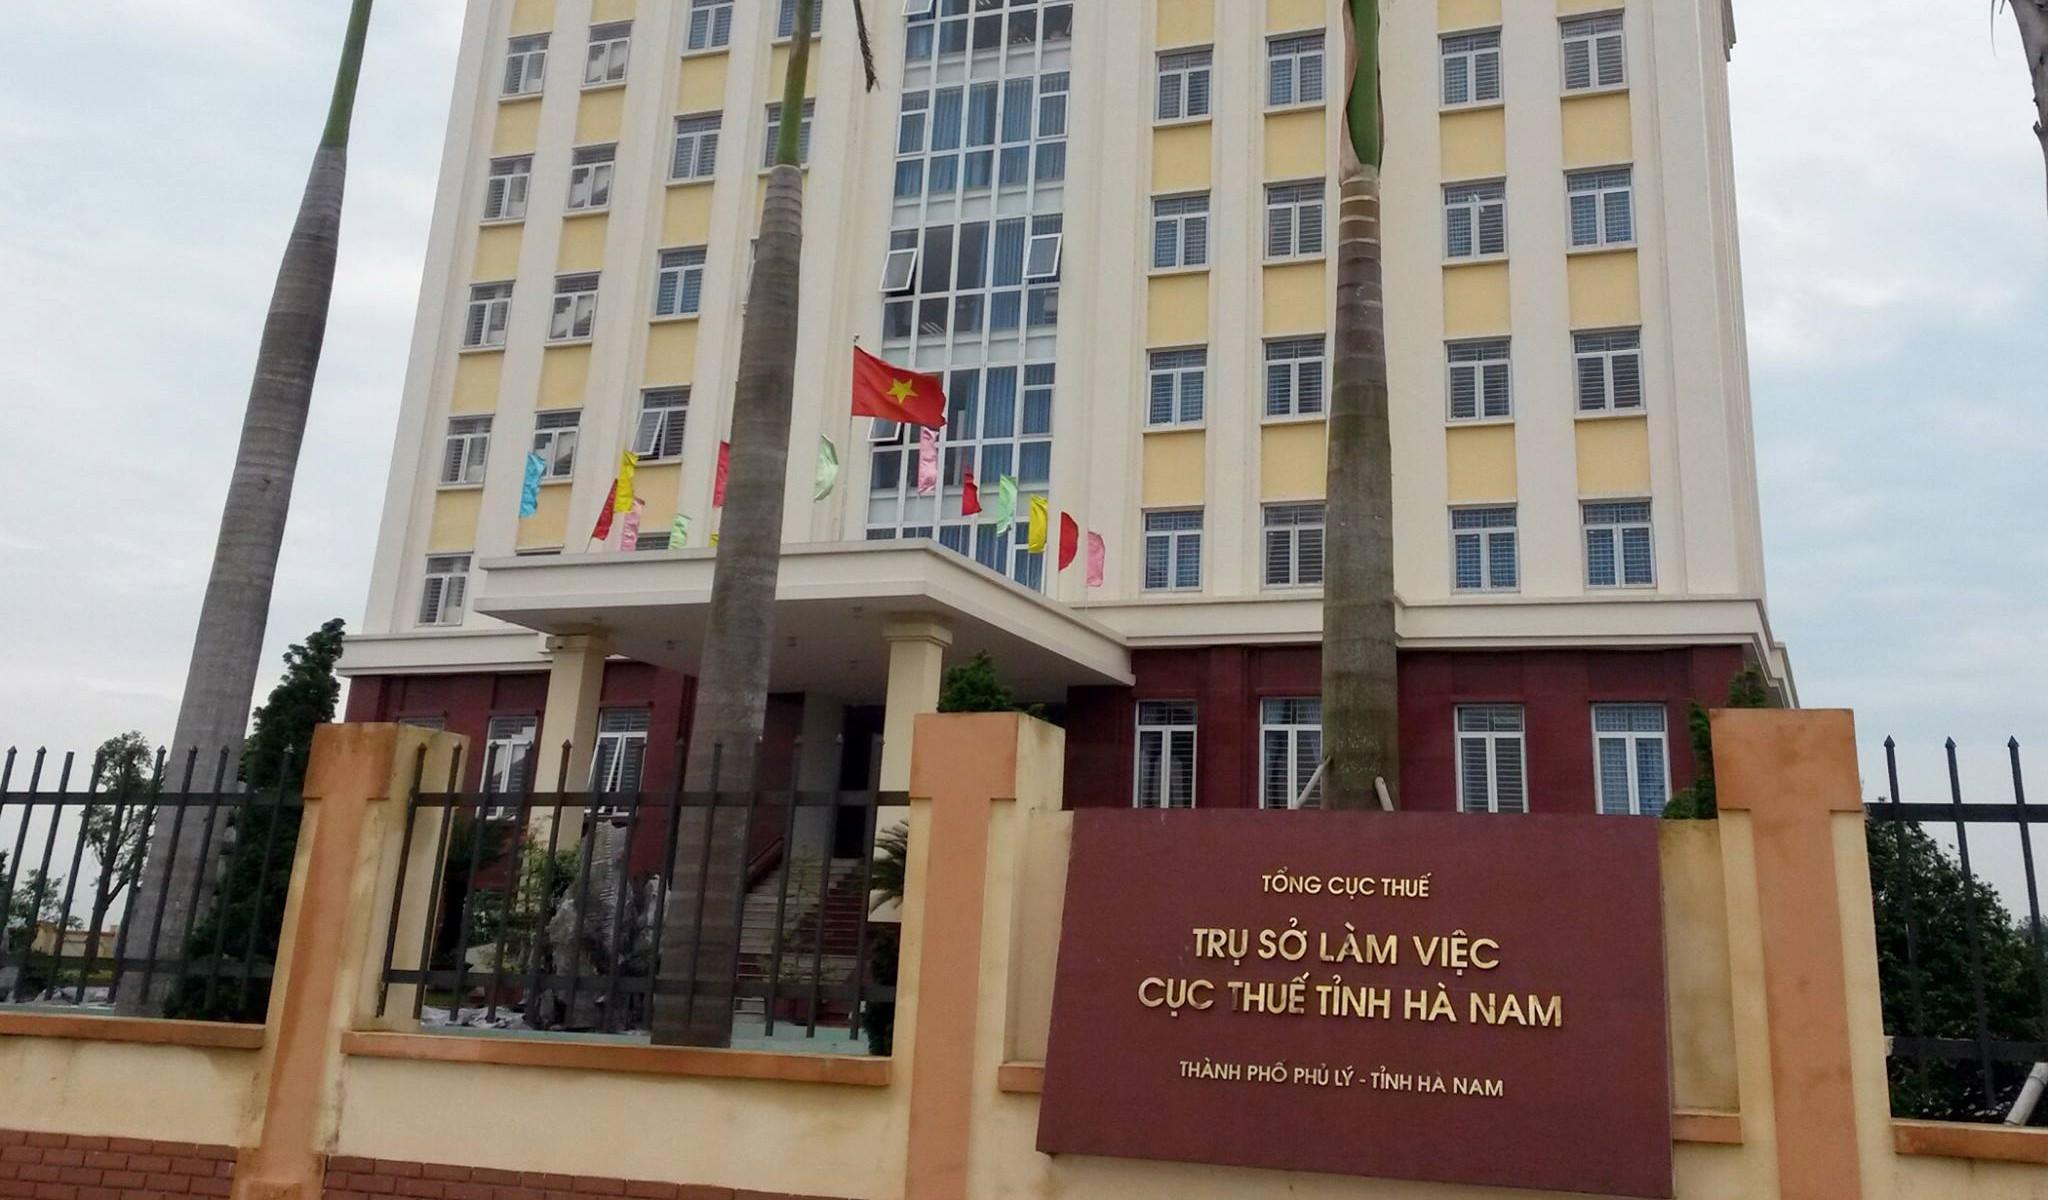 Hà Nam: 138 DN, hộ kinh doanh nợ hơn 142 tỷ đồng thuế - Hình 1